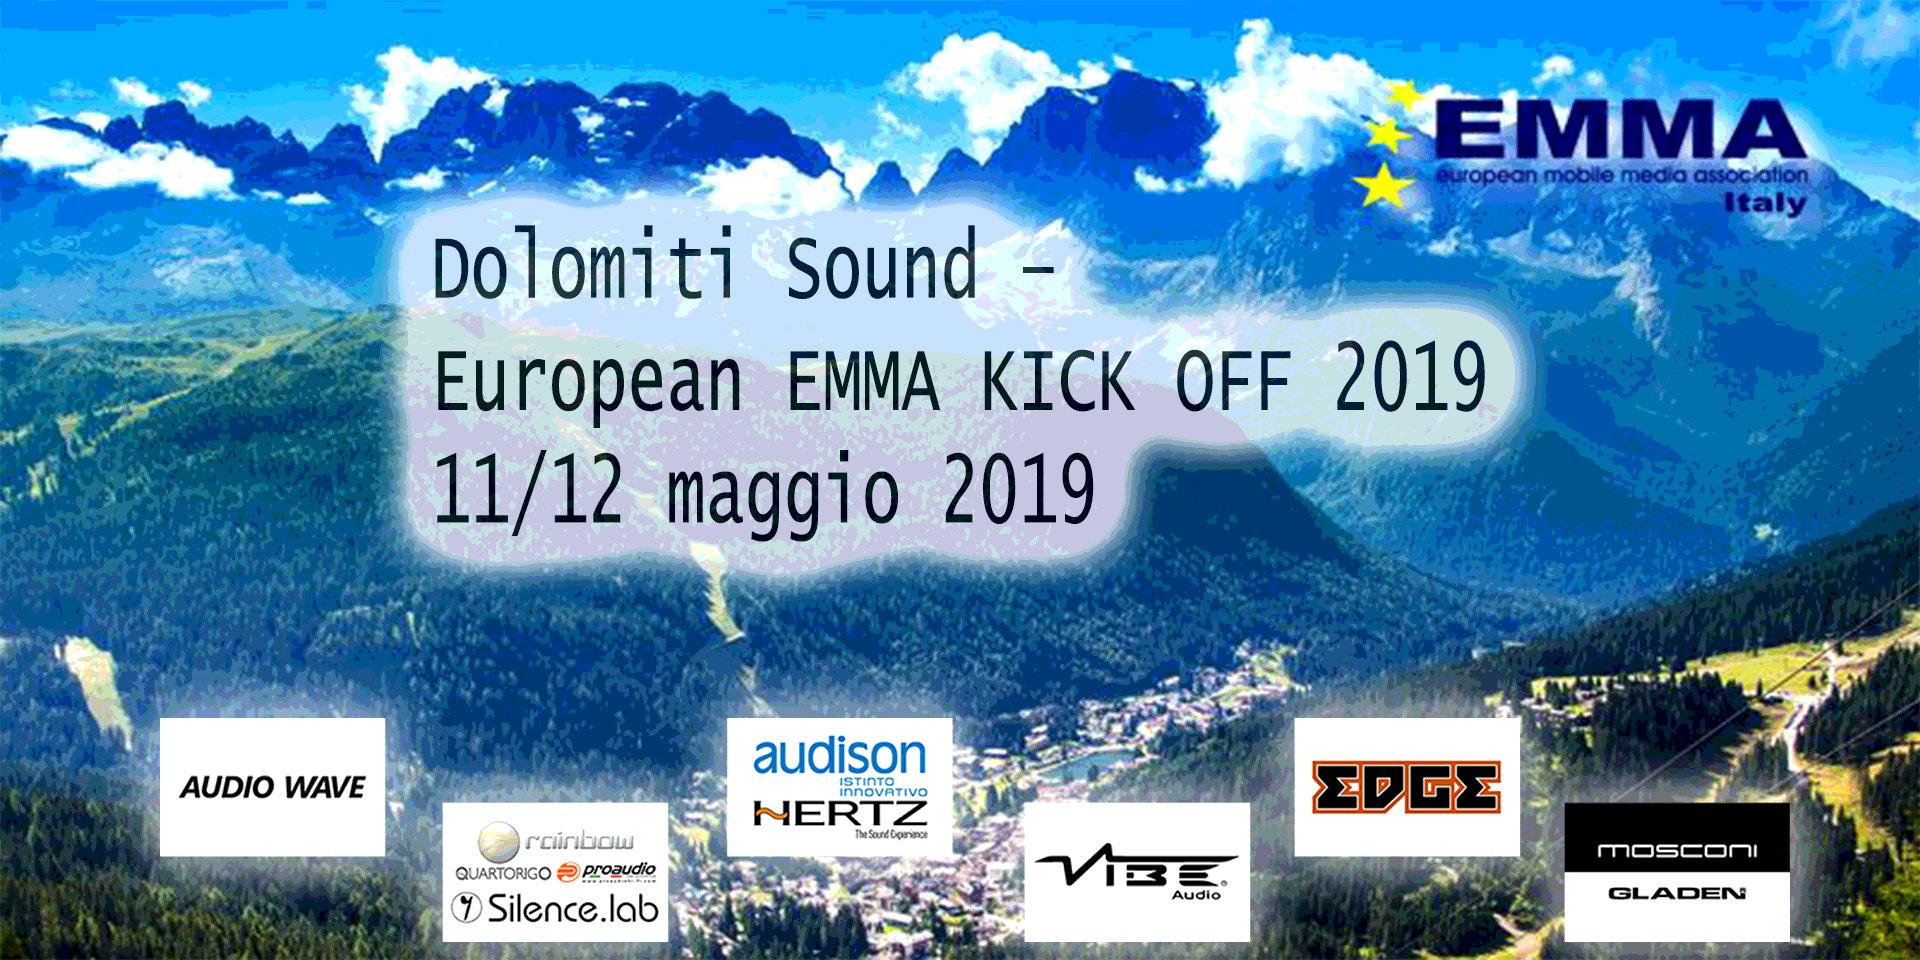 Dolomiti Sound - European EMMA KICK OFF 2019 - Madonna di Campiglio - IT @ Residence La Rosa delle Dolomiti | Carisolo | Trentino-Alto Adige | Italy